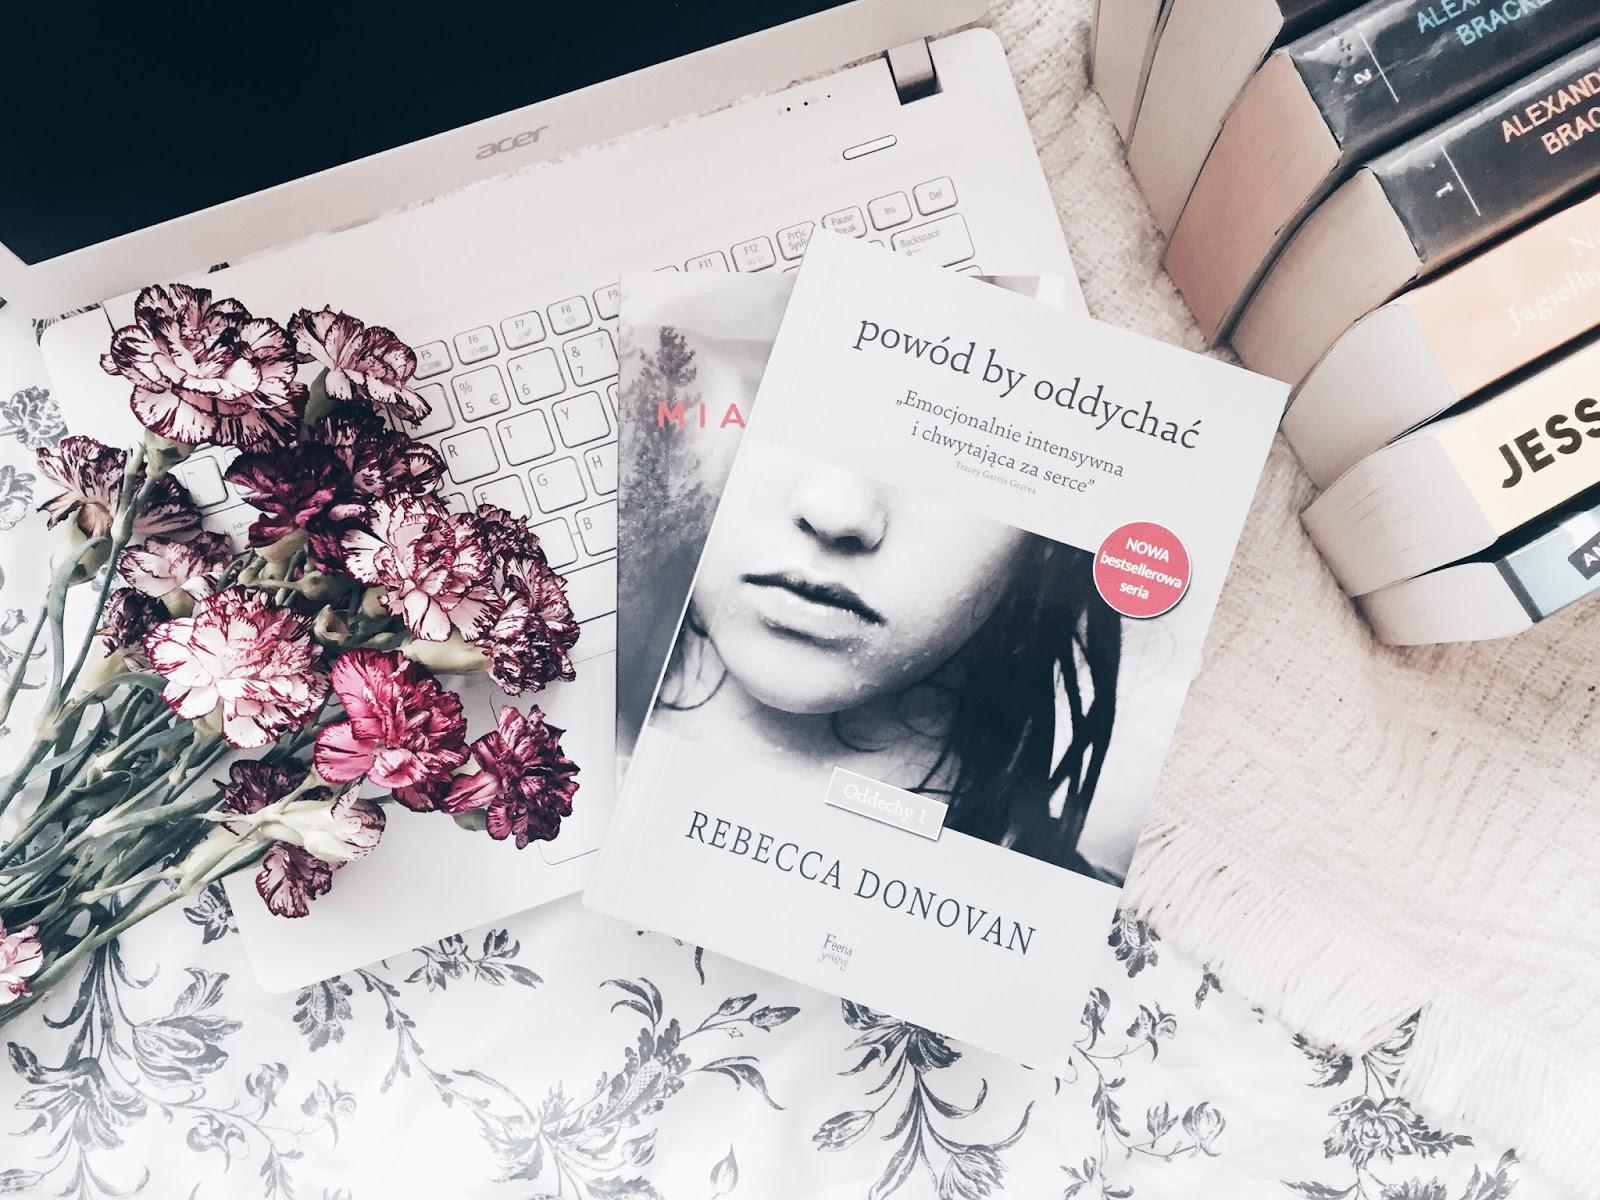 Powód by oddychać, Rebecca Donovan